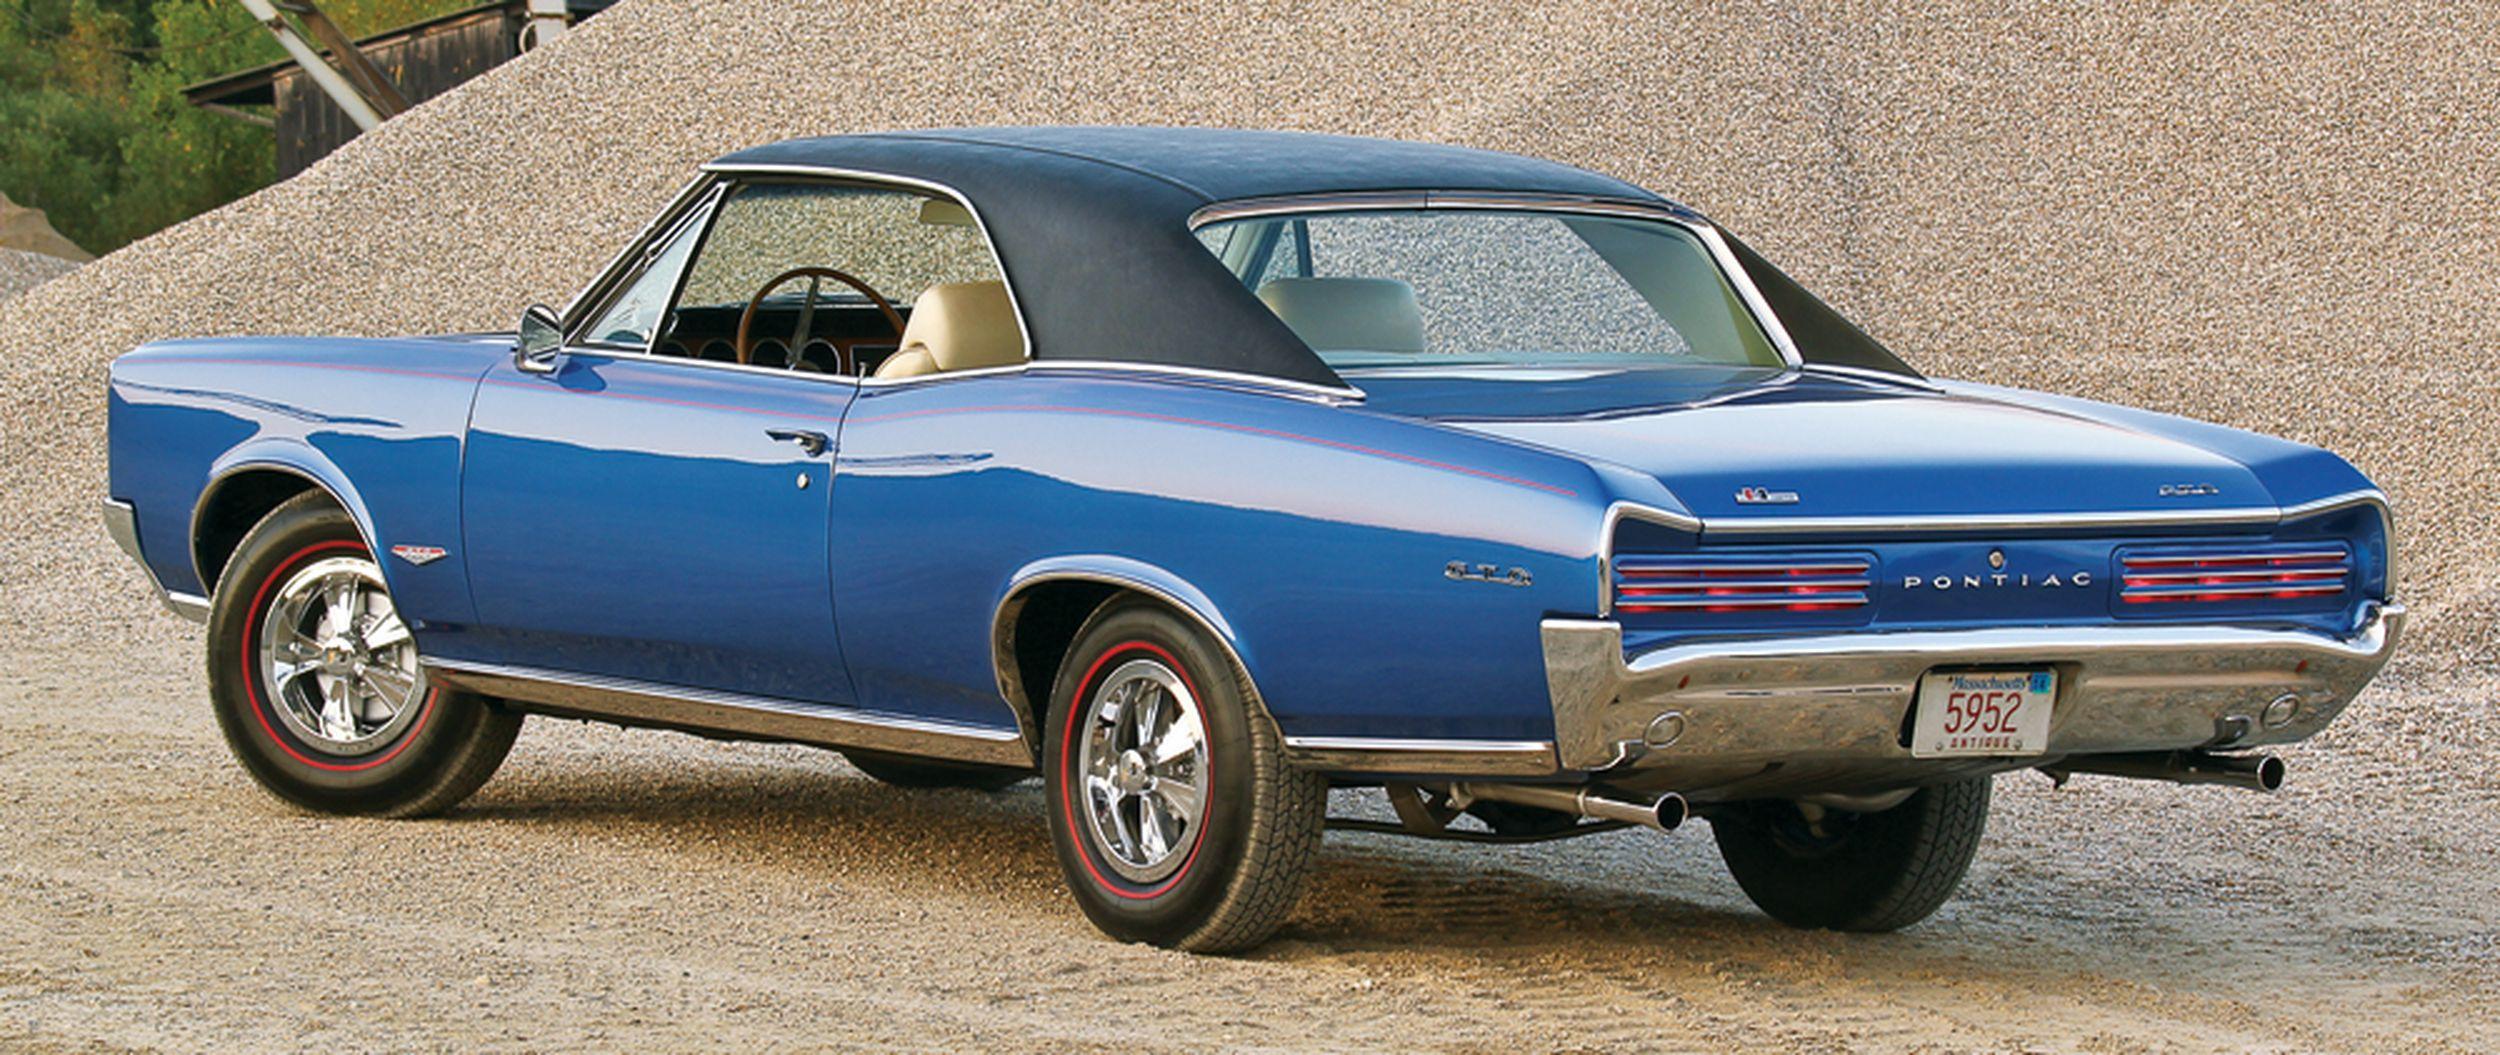 1966 Pontiac GTO Takes Best in Show at Musclepalooza XXI  Pontiac